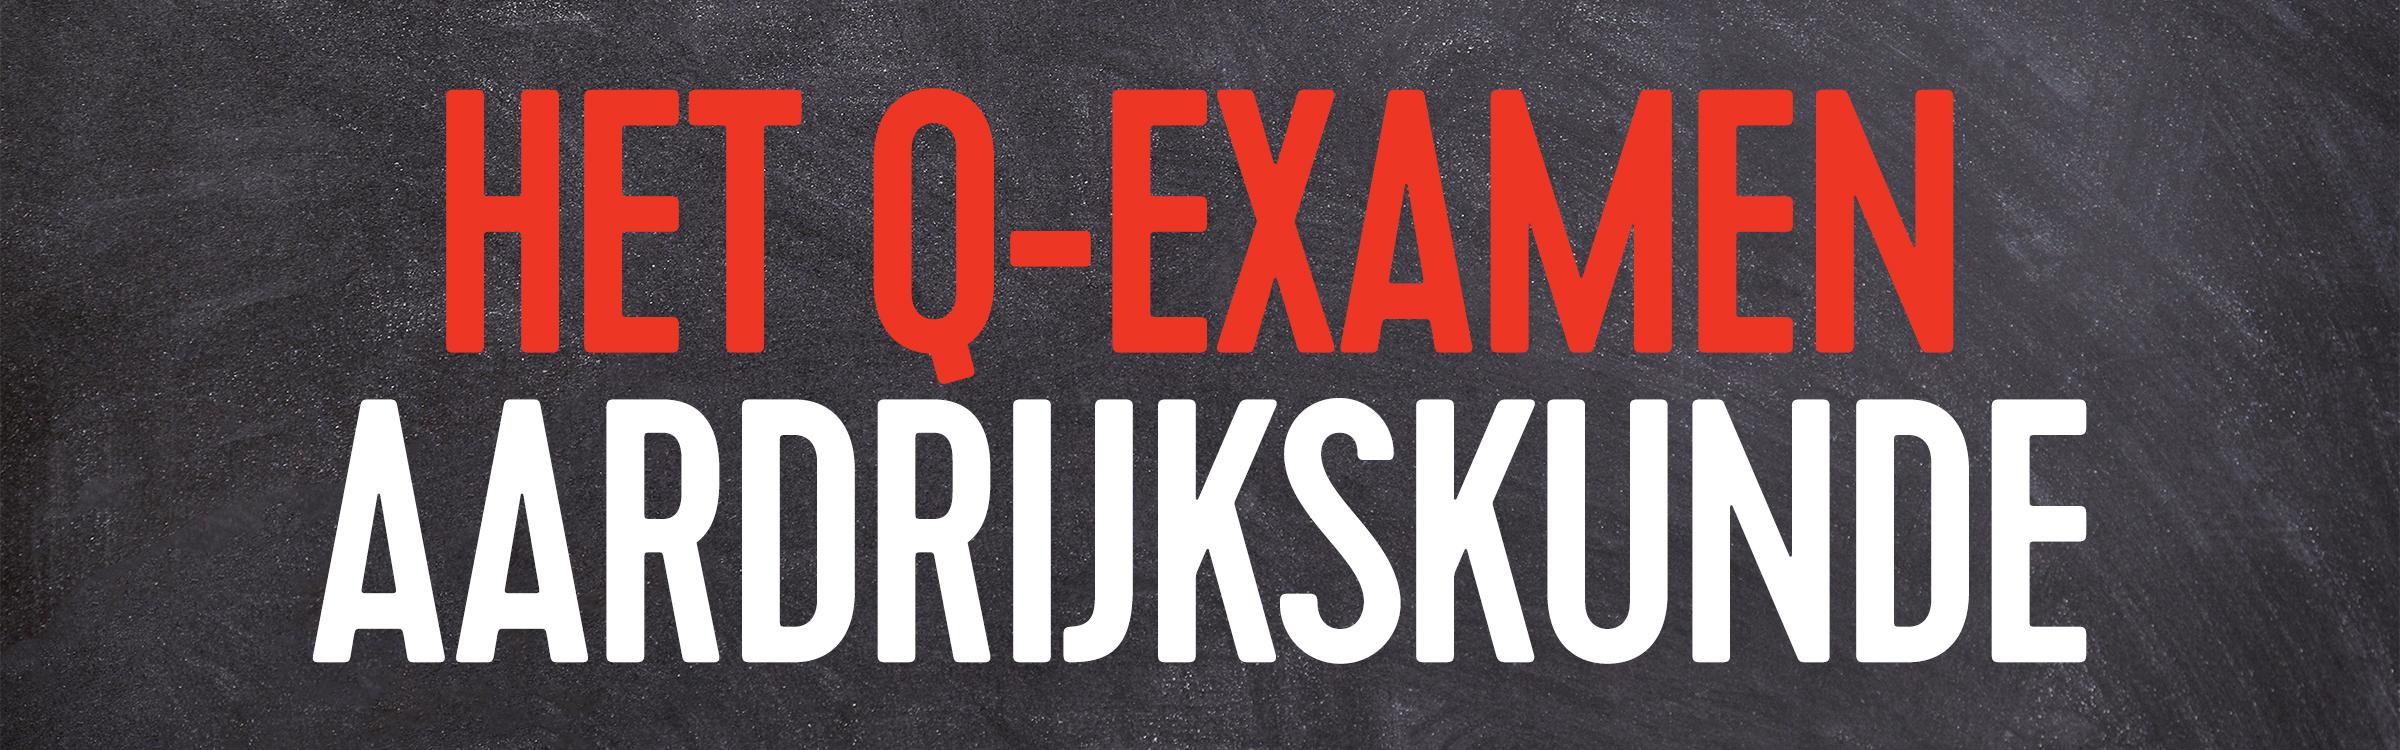 Q examen aardrijkskunde header